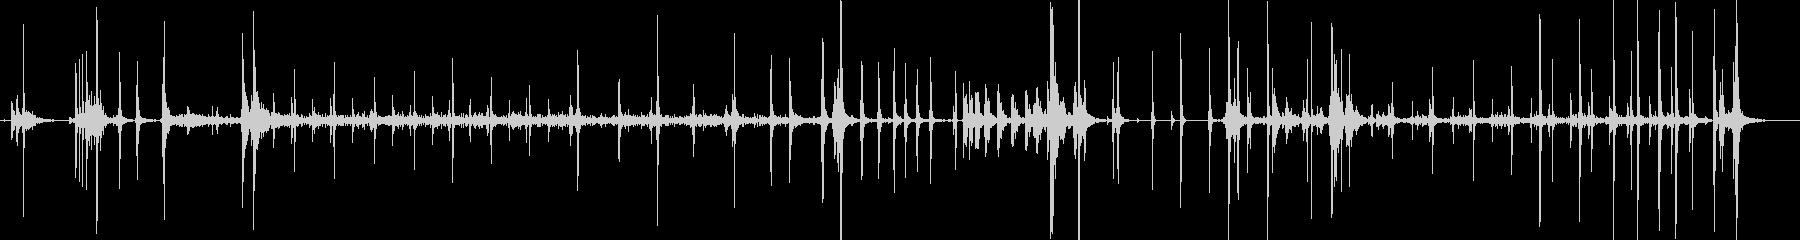 【機械】 動作 06 タイプの未再生の波形